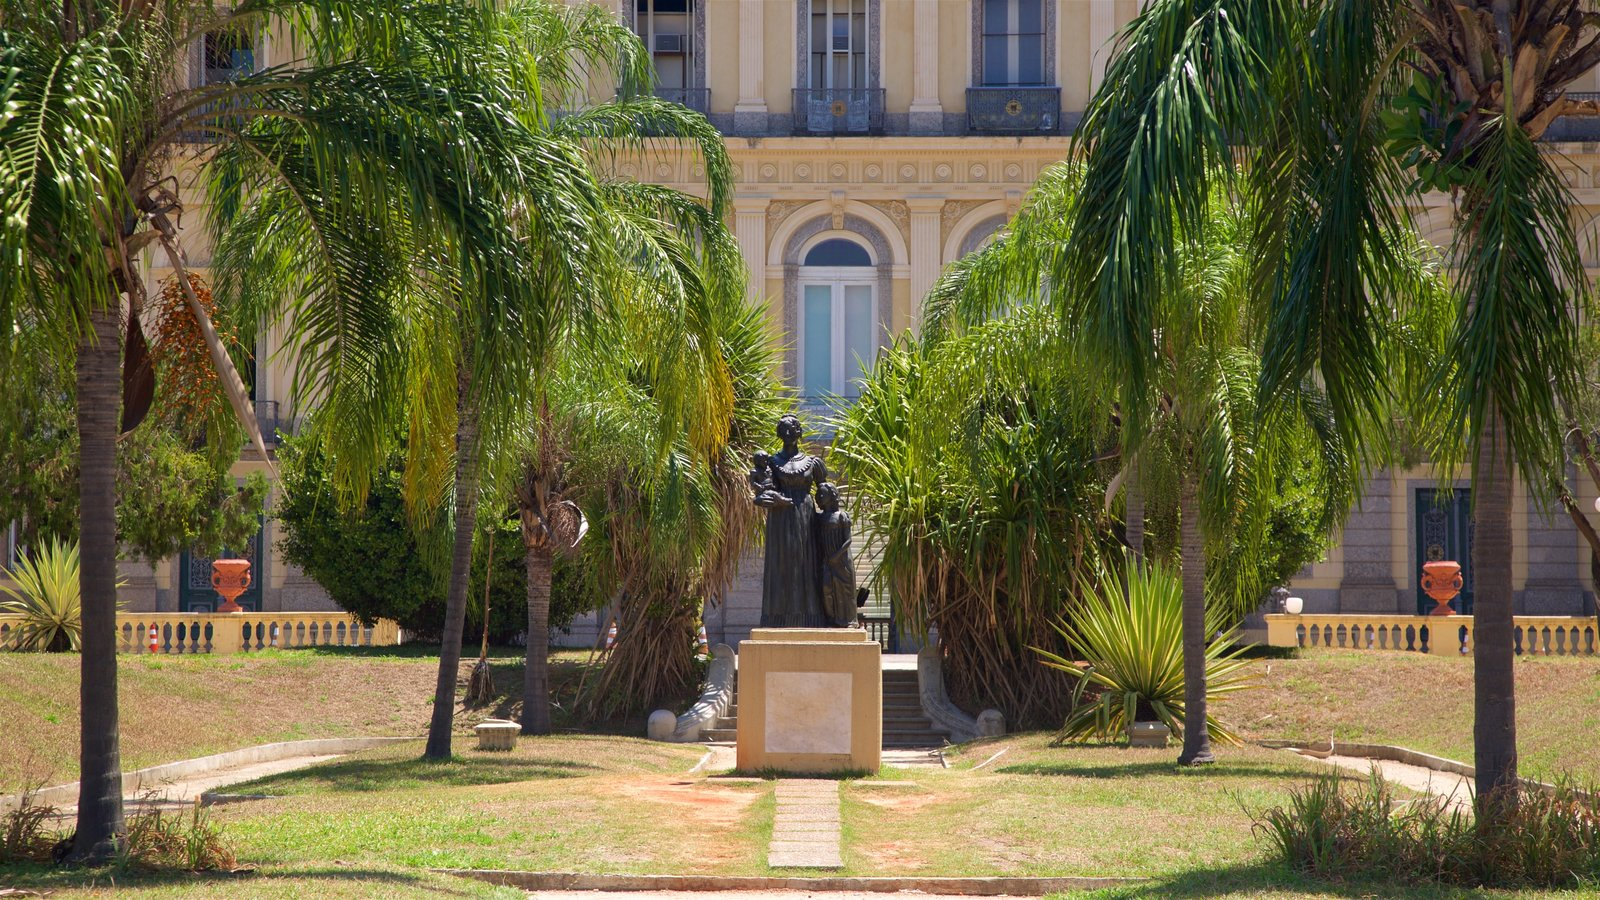 Quinta da Boa Vista mostrando uma estátua ou escultura, um parque e elementos de patrimônio